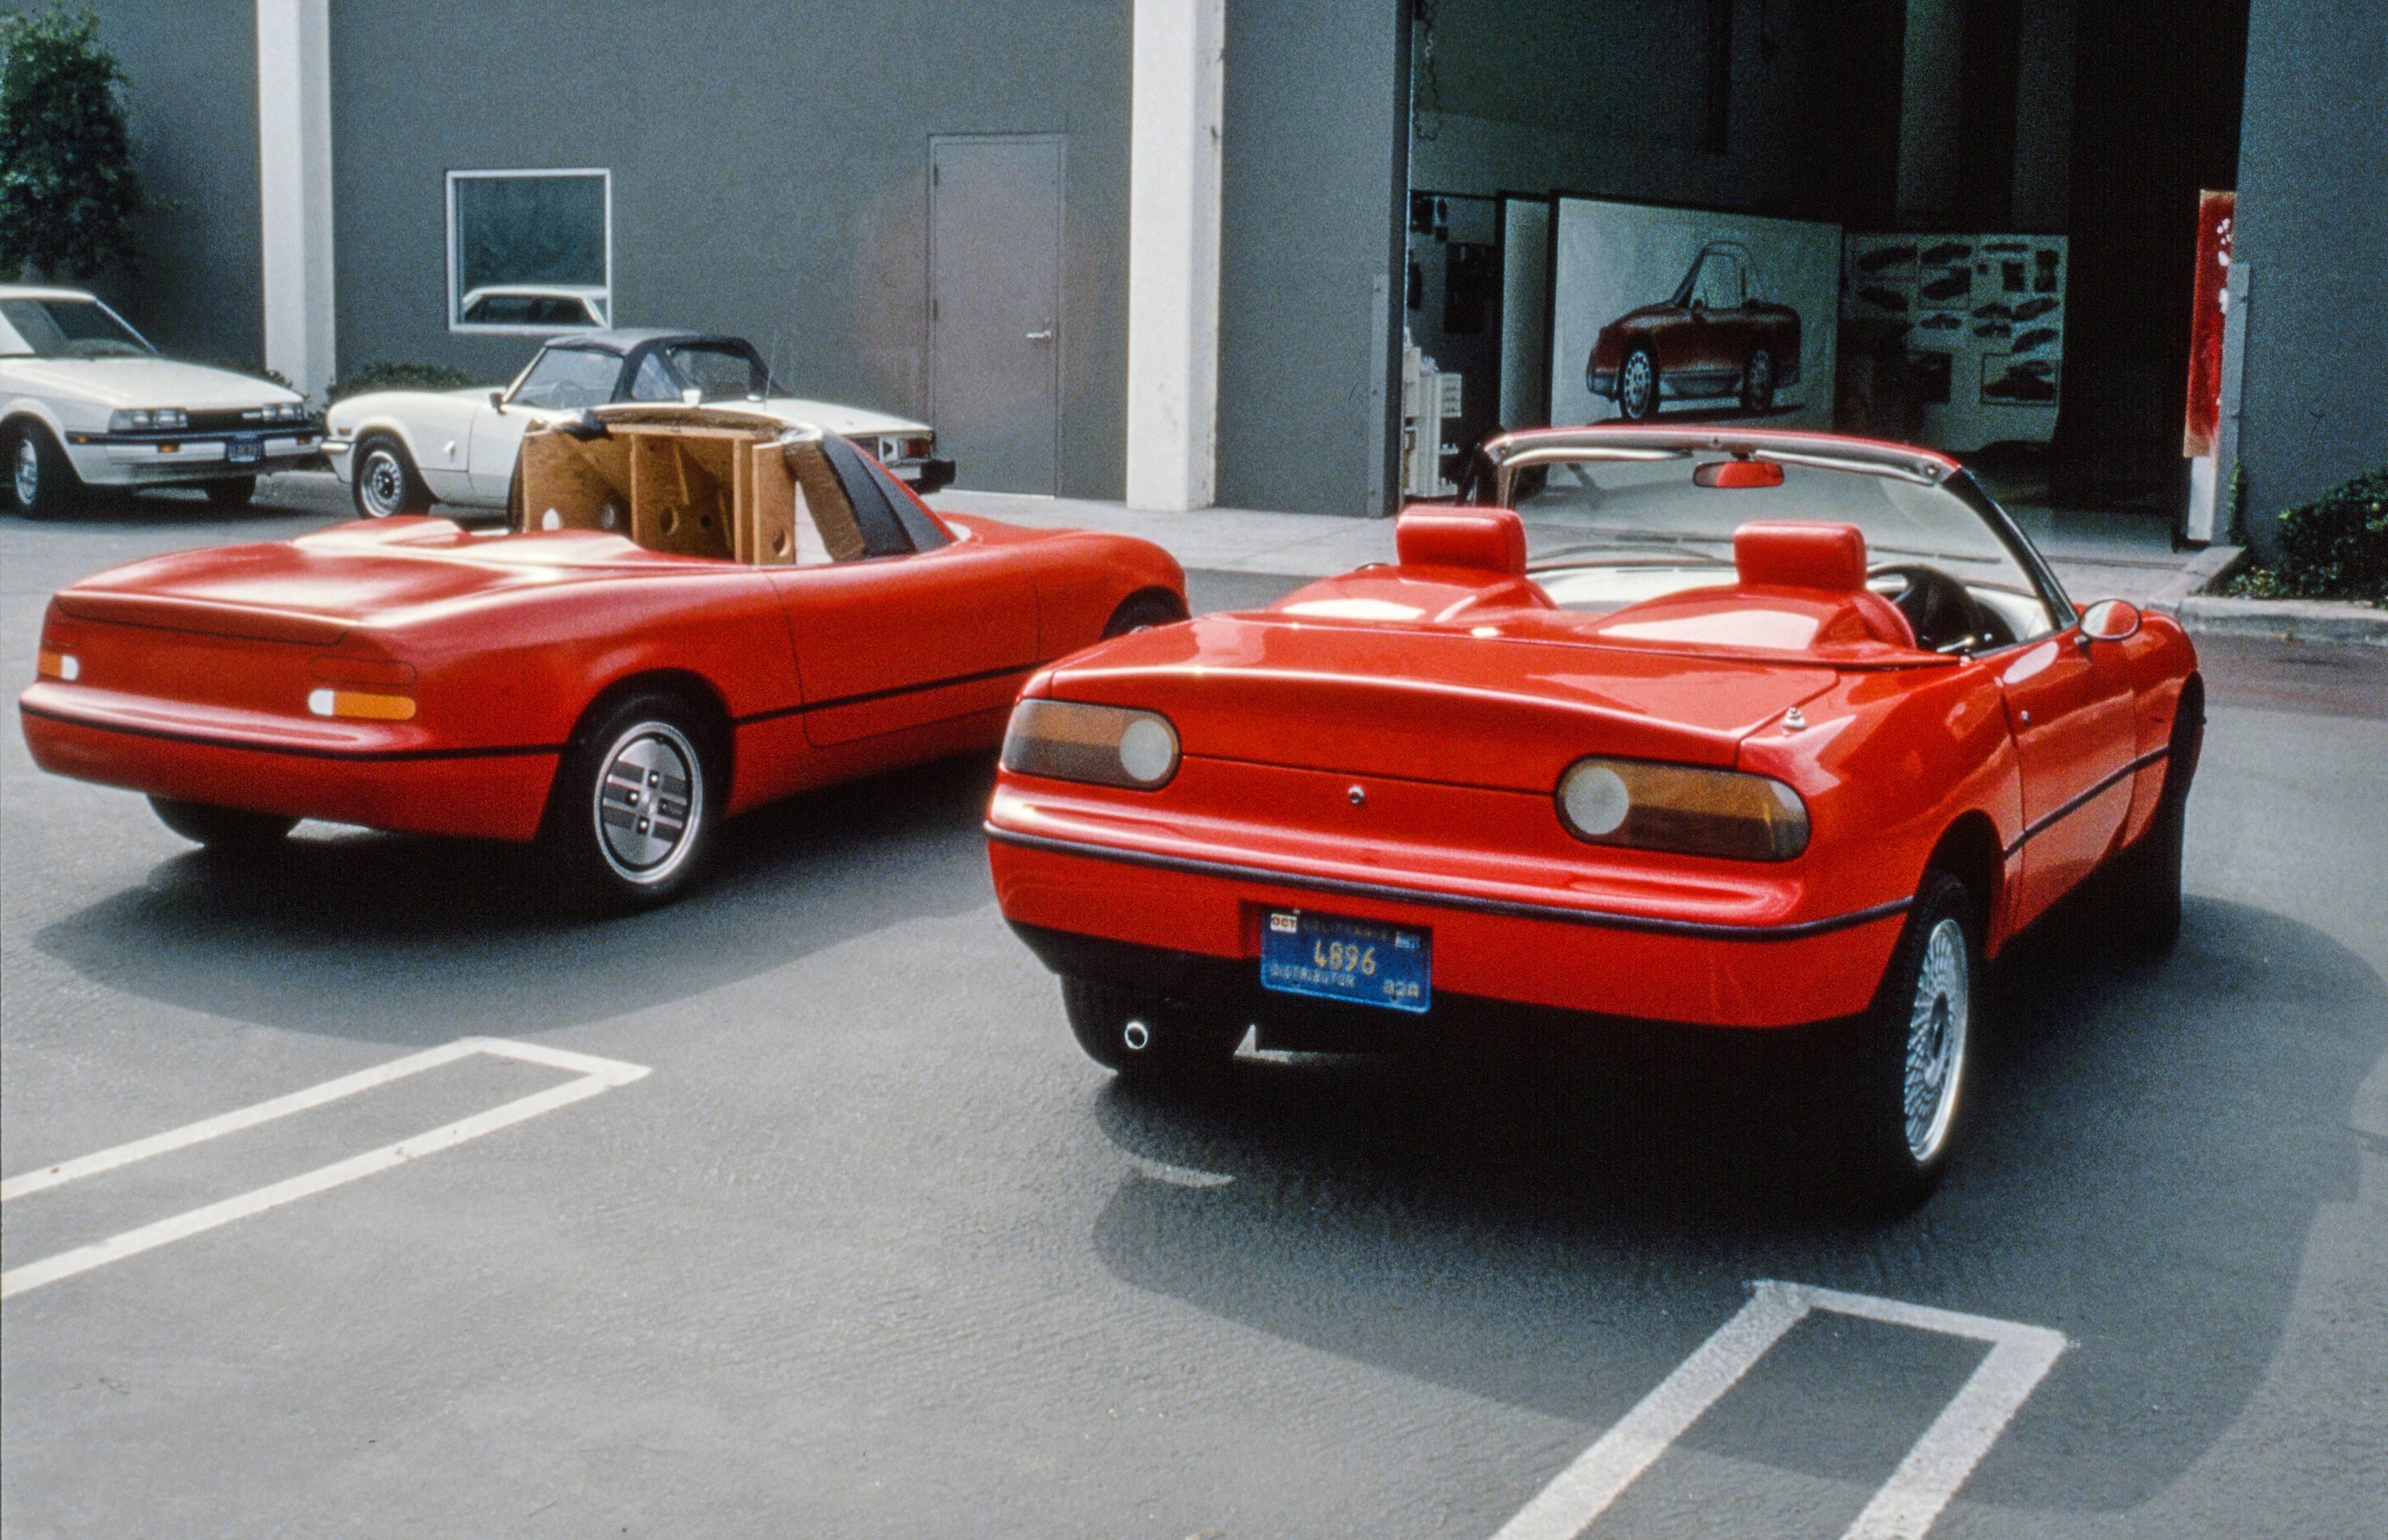 mazda mx5 miata red test design clay rear